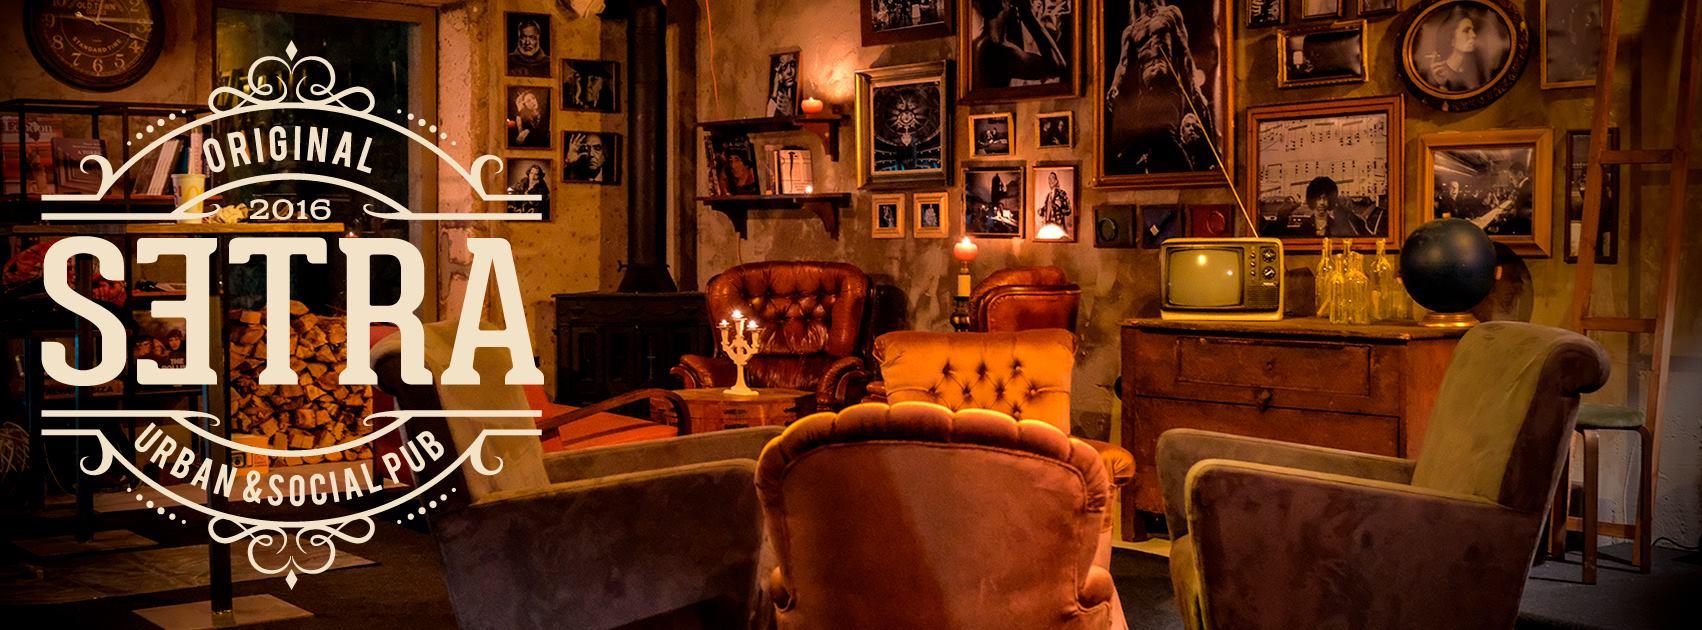 Setra - Urban & Social Pub